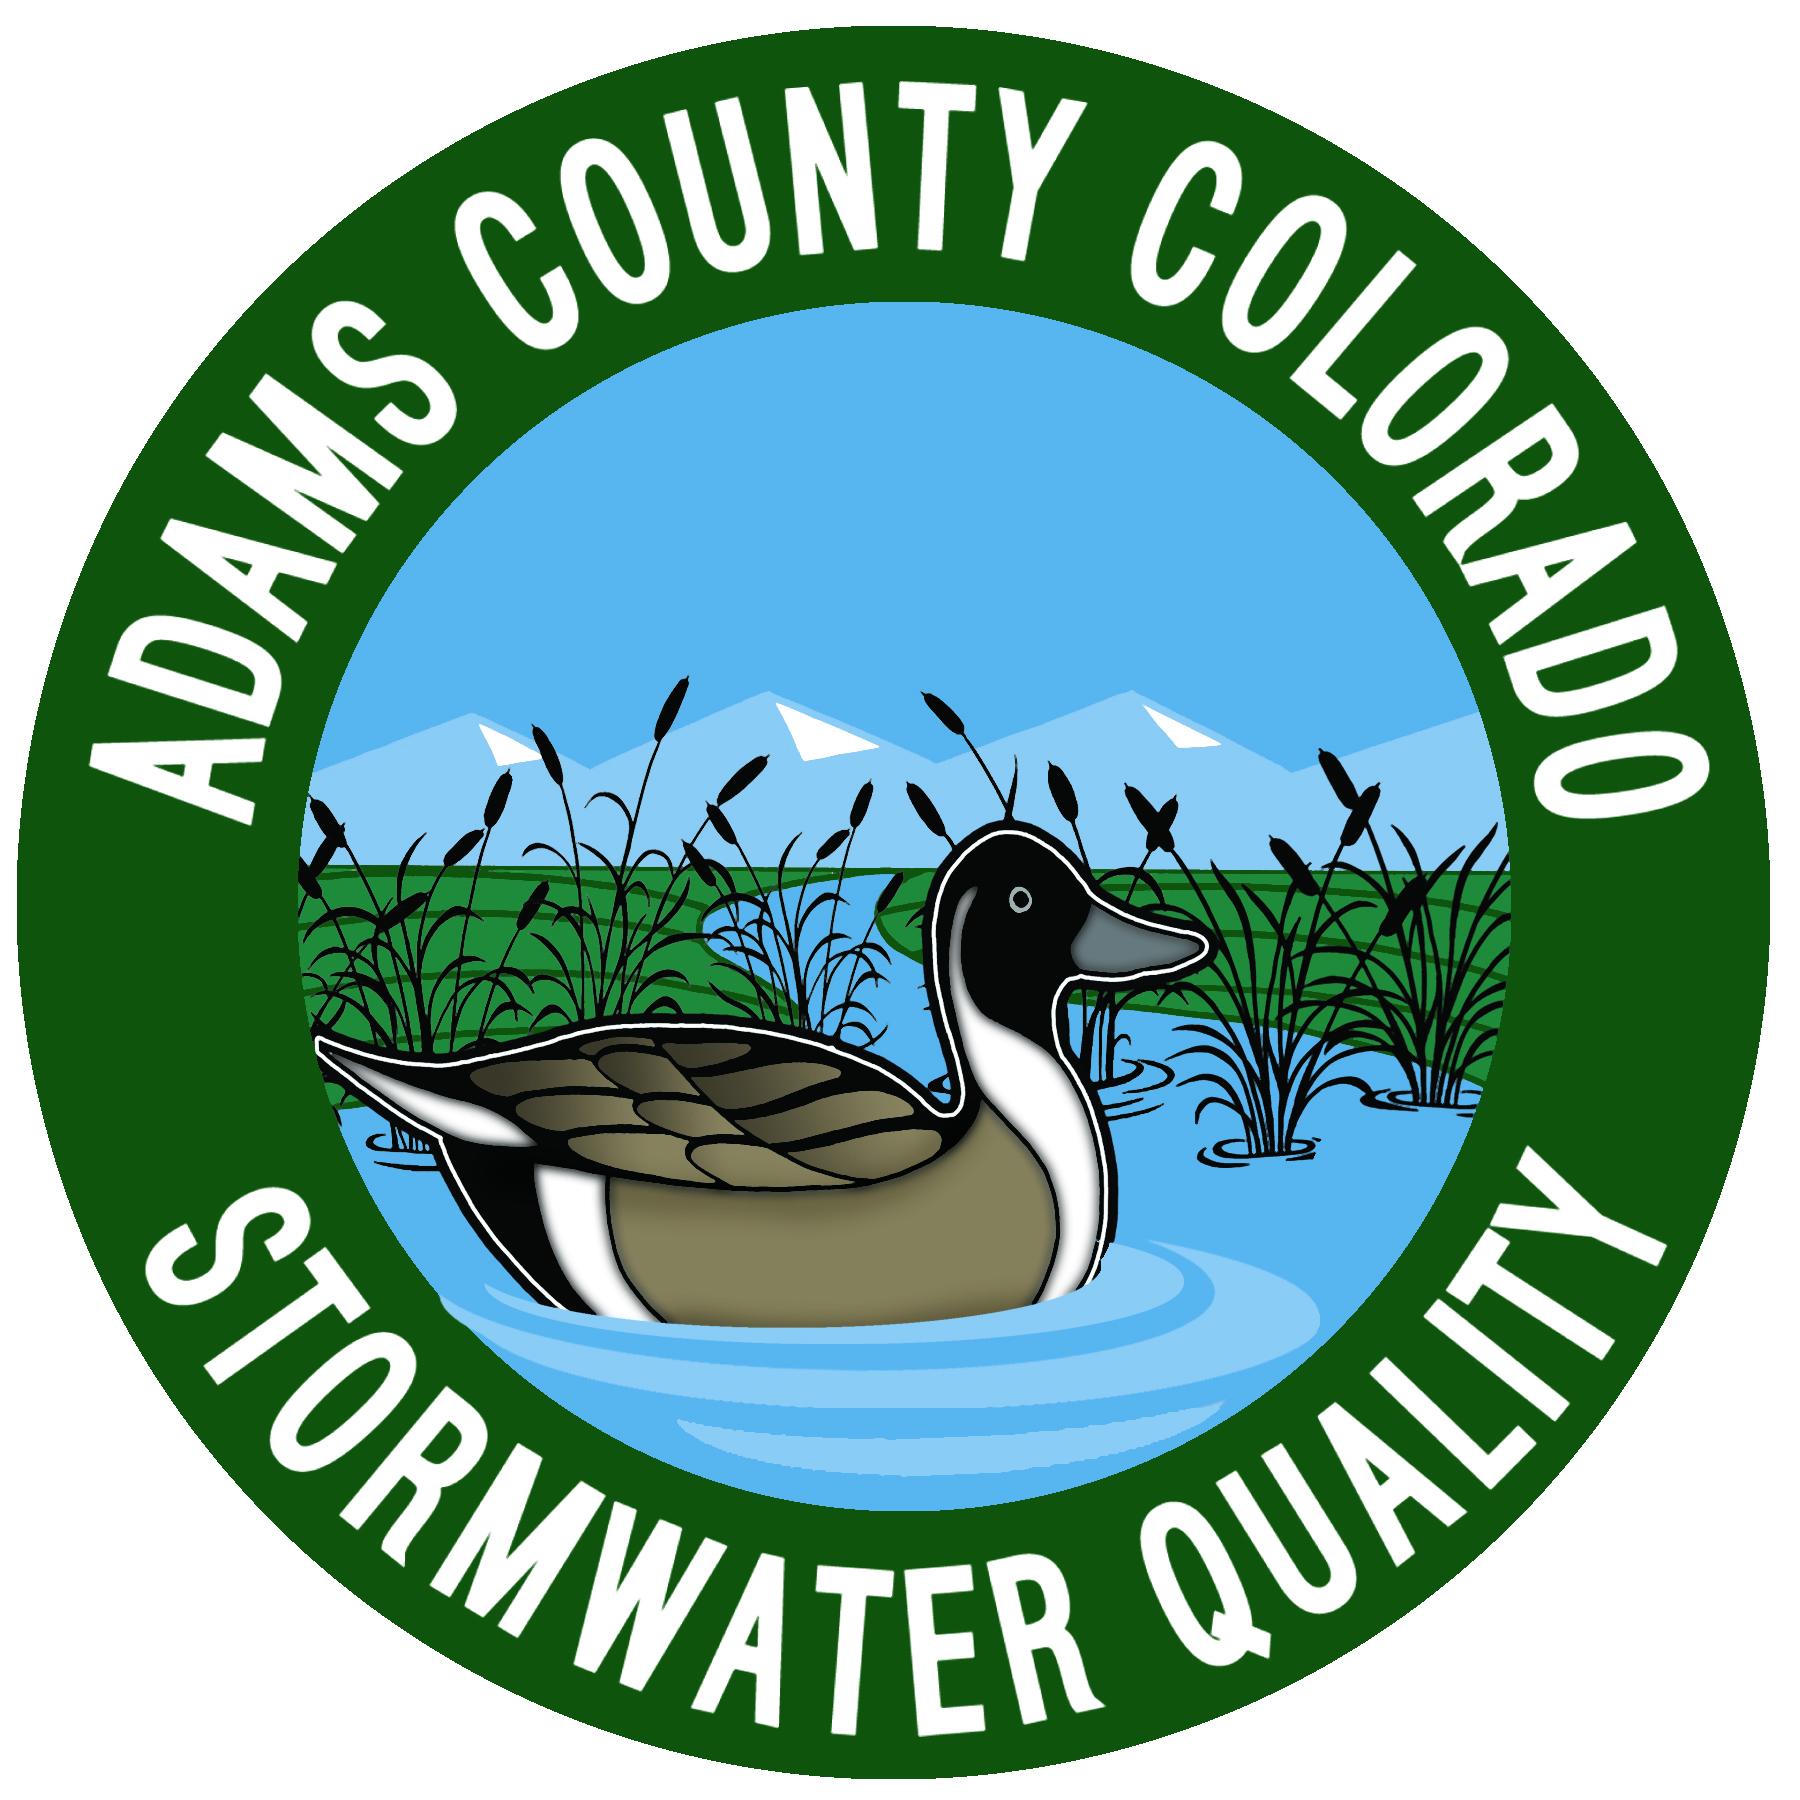 Adams County Stormwater Quiz